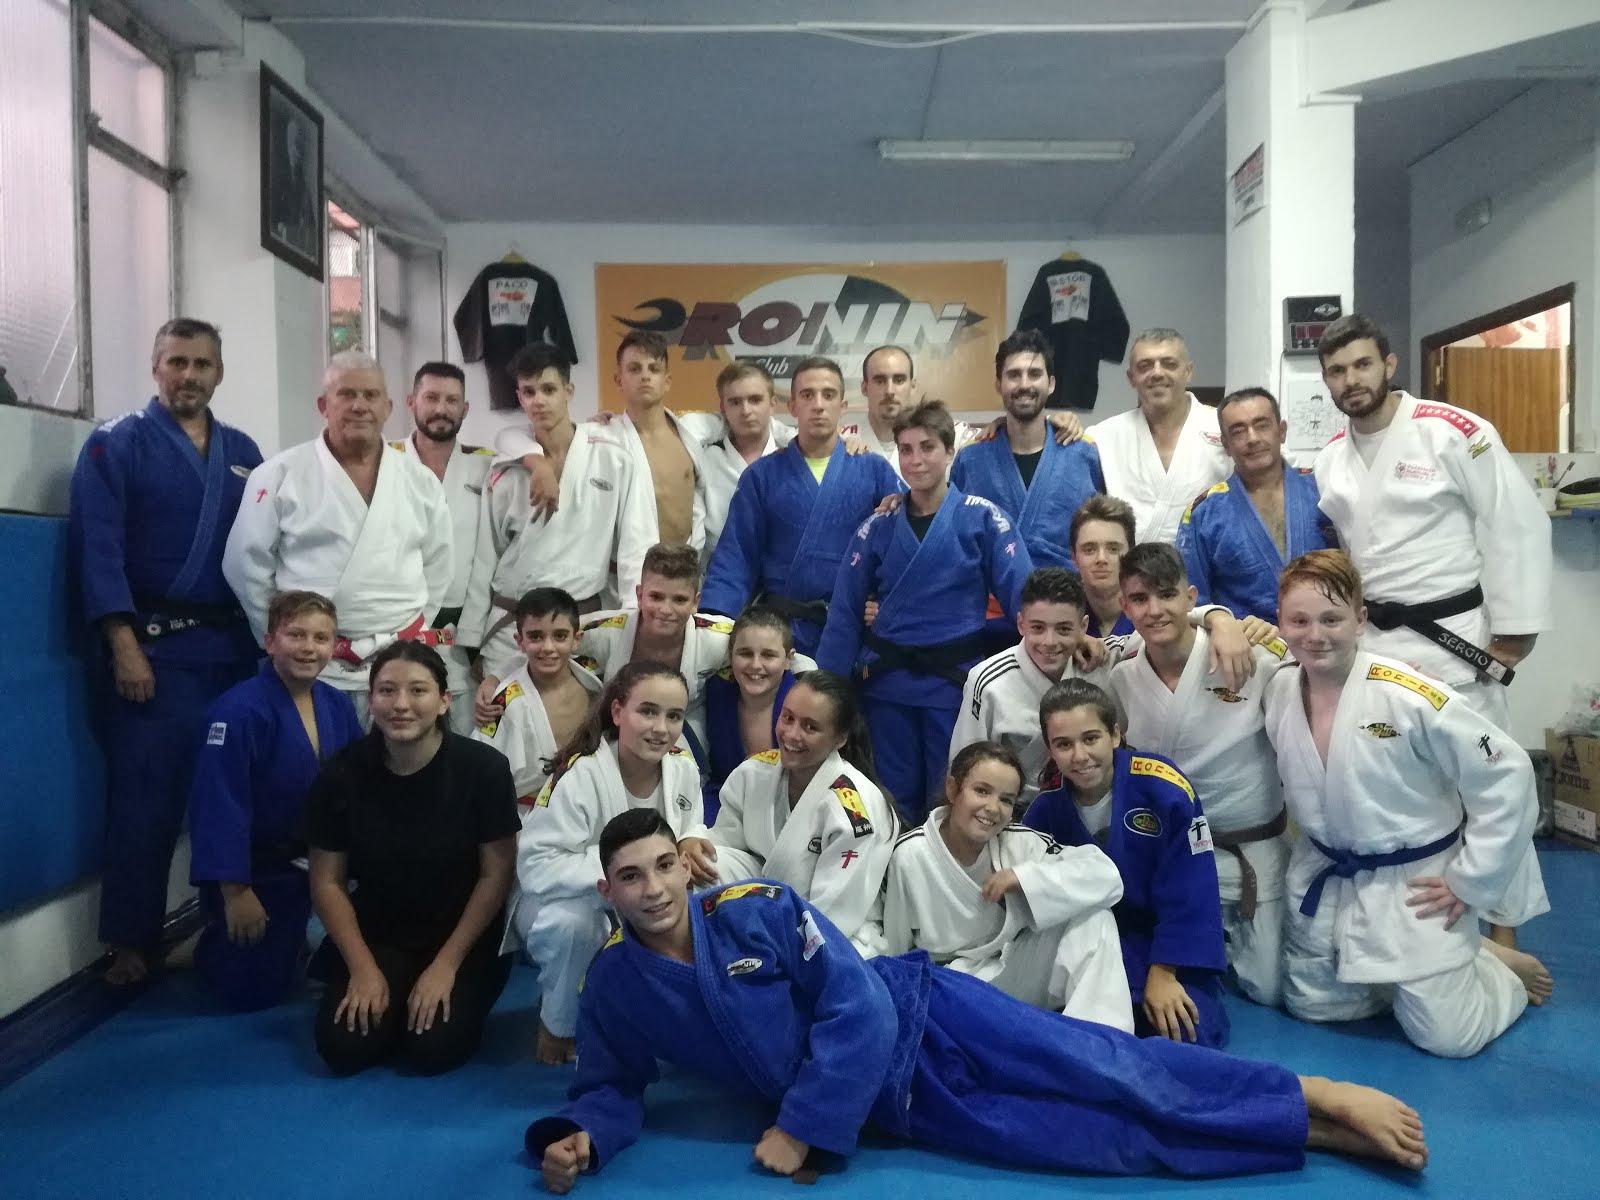 RONIN - Club de Judo